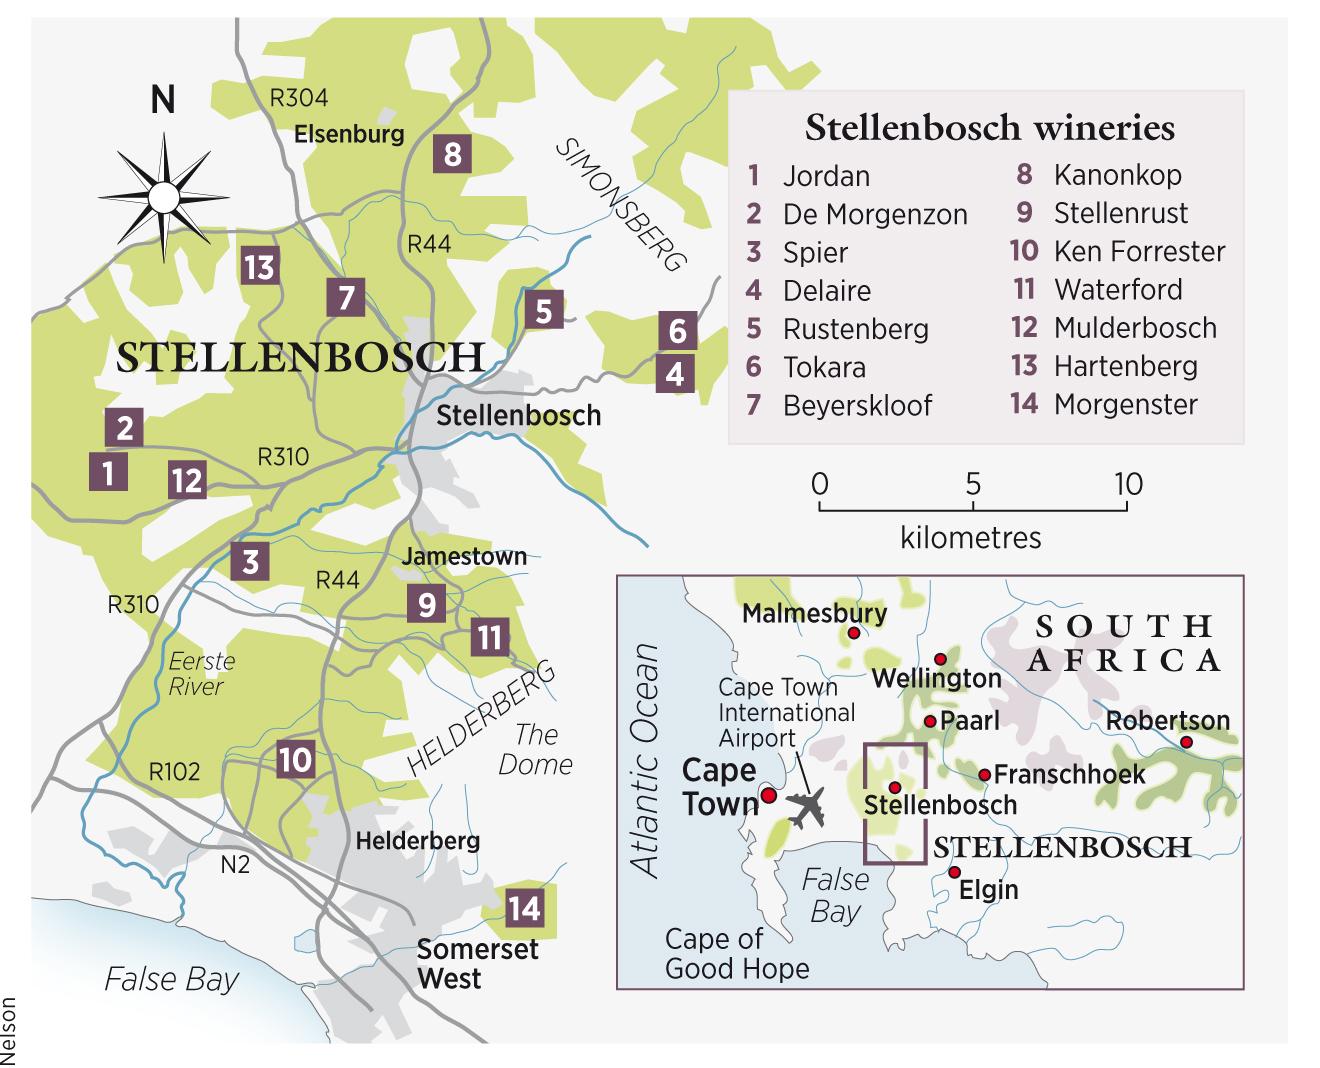 Decanter travel guide Stellenbosch South Africa Decanter